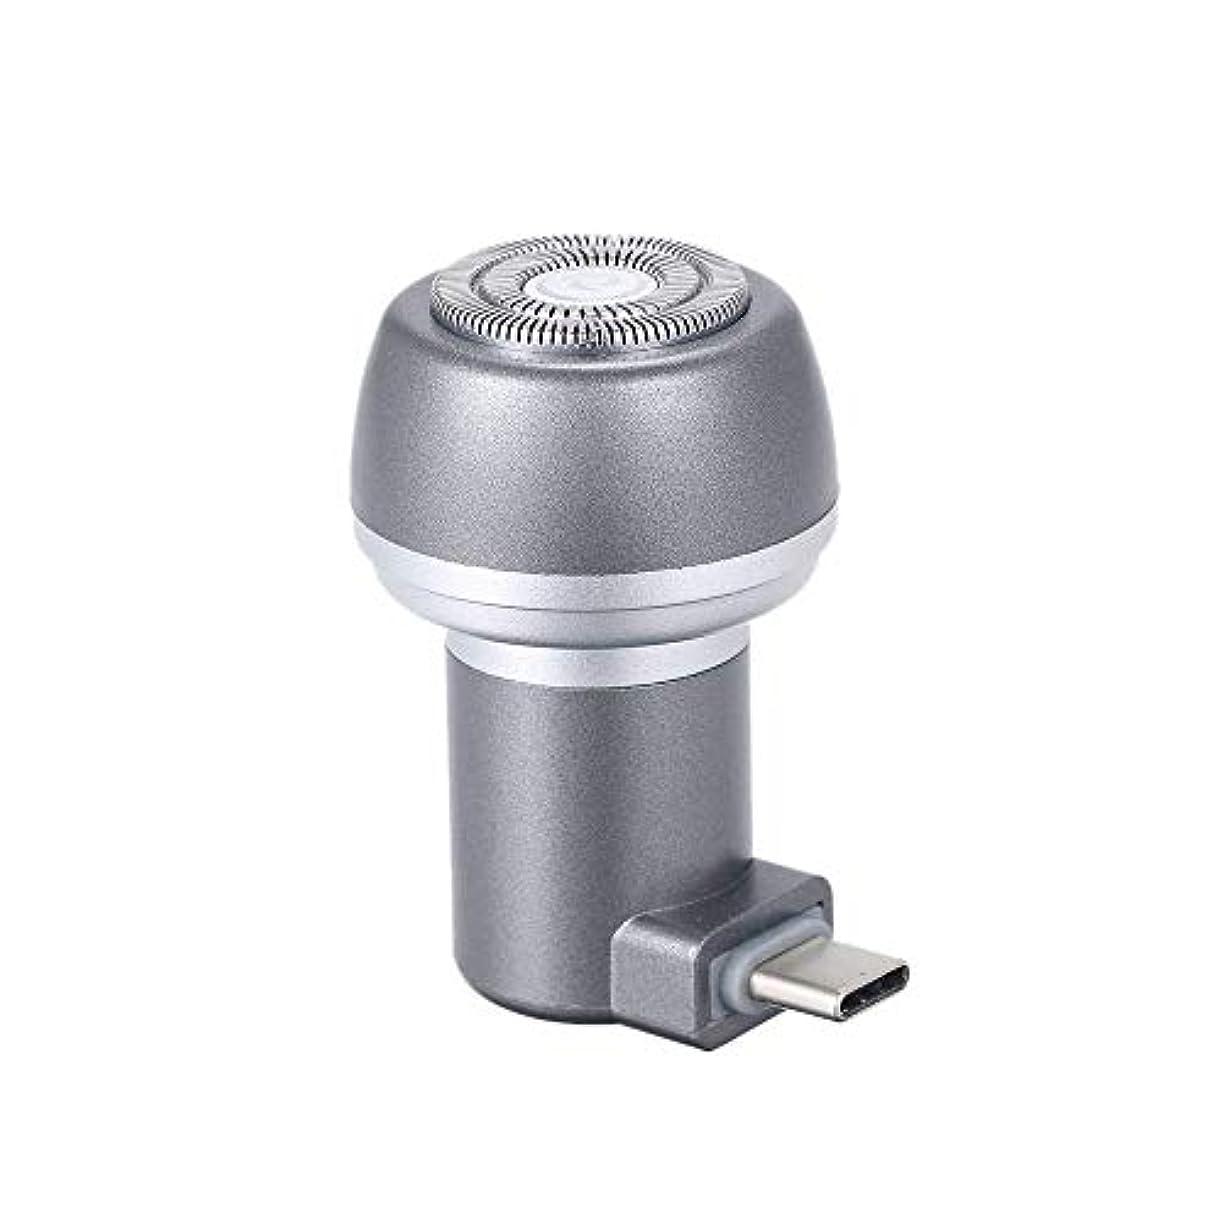 集団的ヒステリックが欲しいXiAnShiYu家庭用 電気 シェーバー 男性用 防水 ウェットドライシェービング USB充電式 グレー タイプC